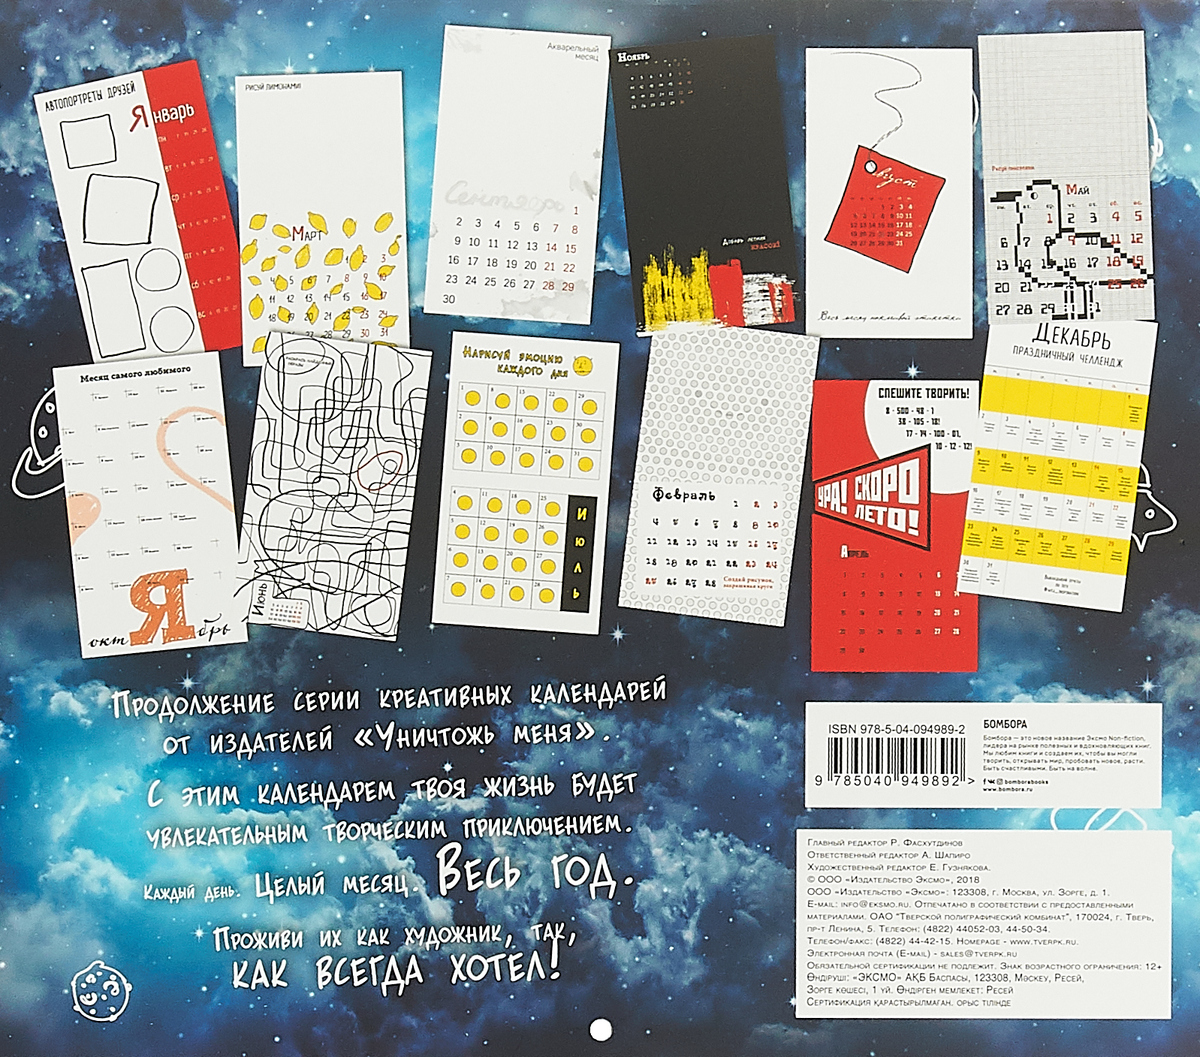 Календарь (на скрепке) 2019. Уничтожь этот календарь - 4. Е. В. Гузнякова